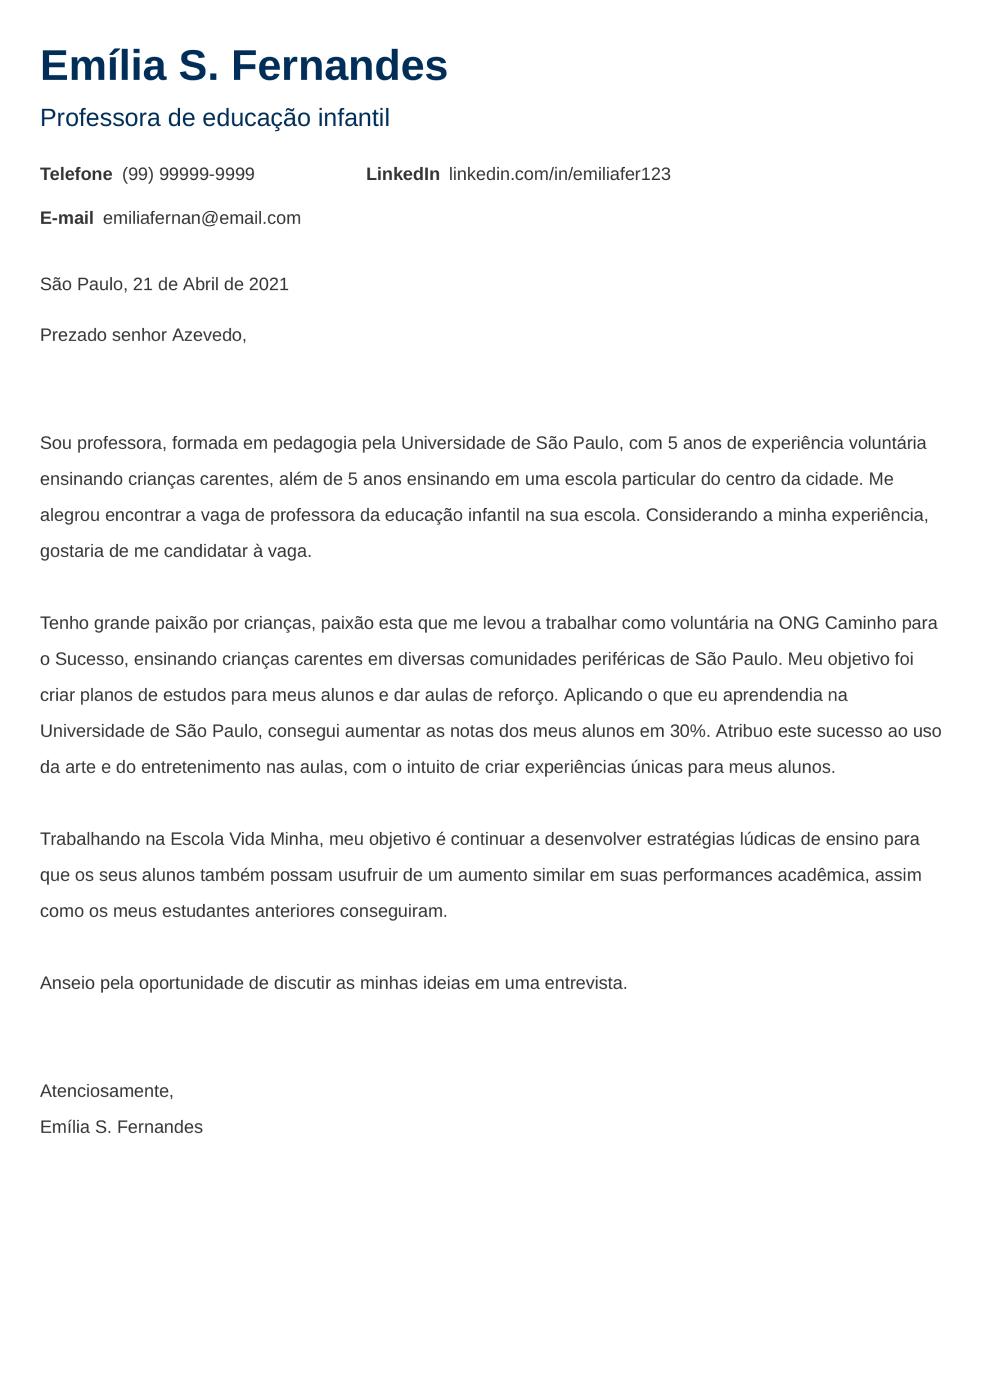 Exemplo de carta de apresentacao: Newcast